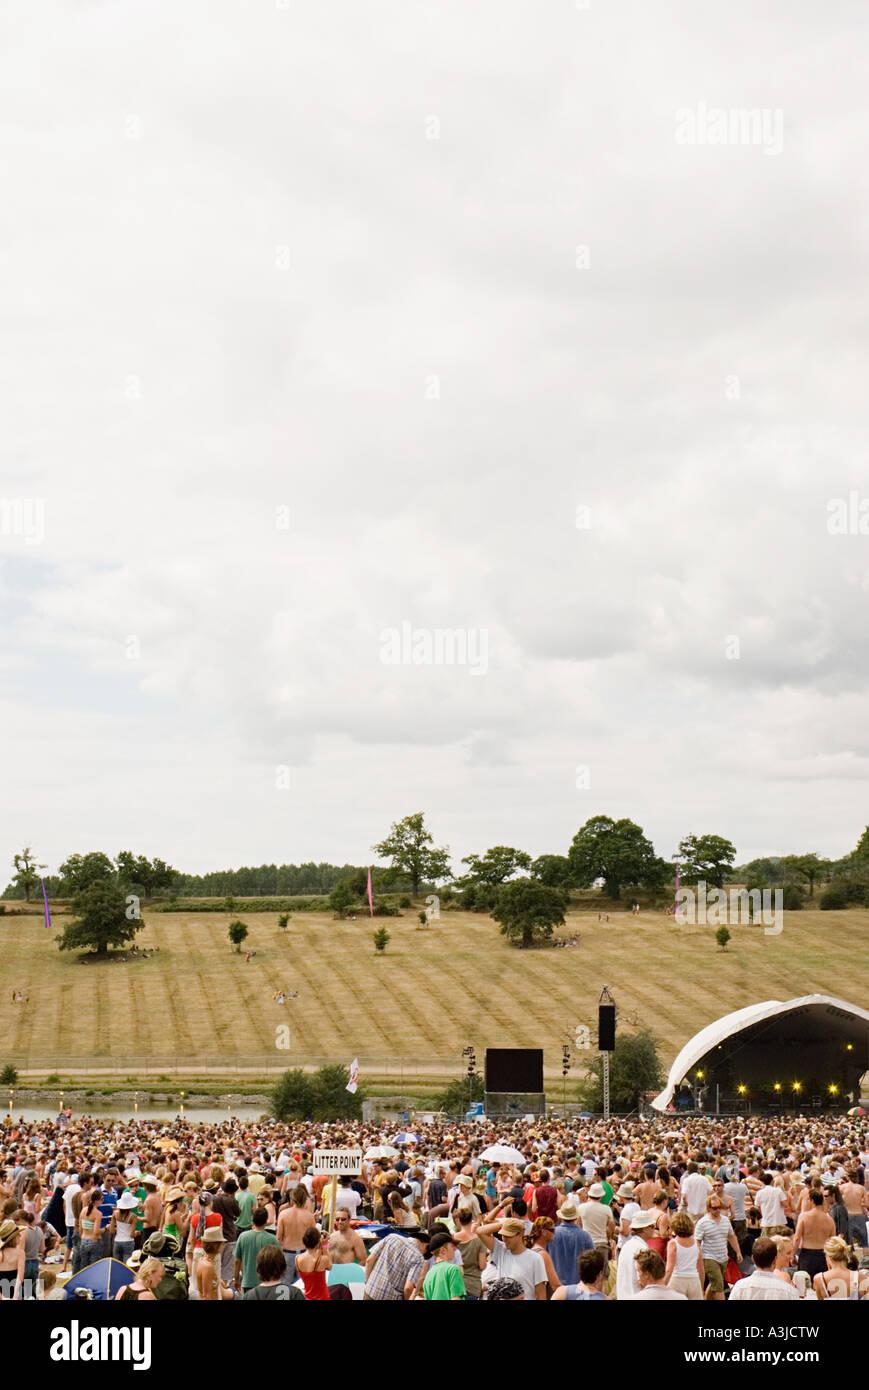 Summer festival - Stock Image